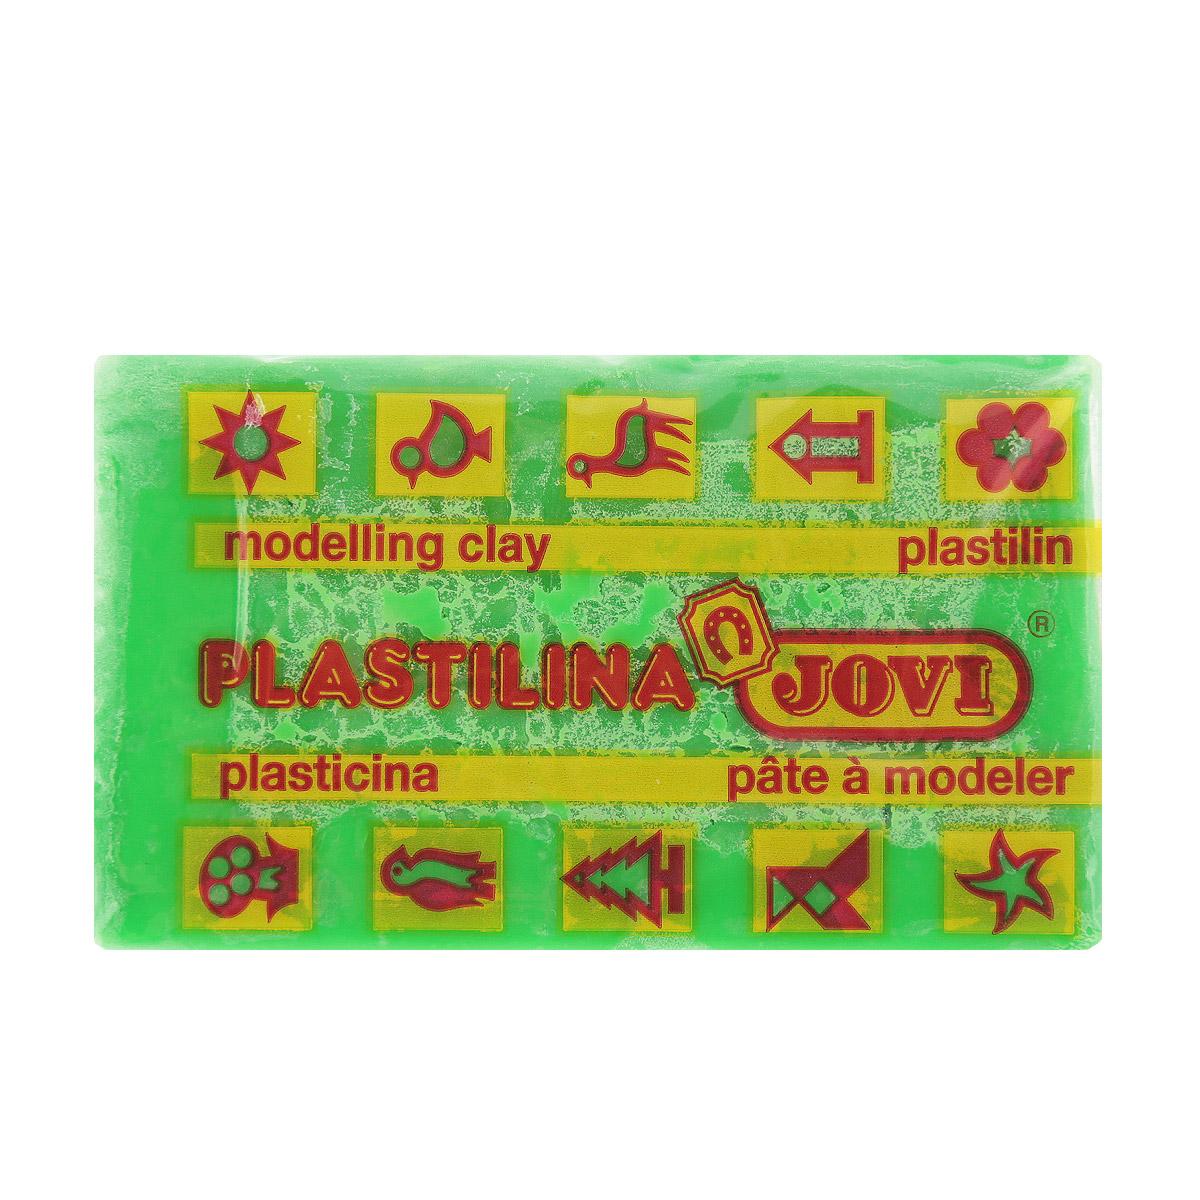 Jovi Пластилин флюоресцентный цвет салатовый 50 г jovi набор мягкой пасты и аксессуаров для лепки огород